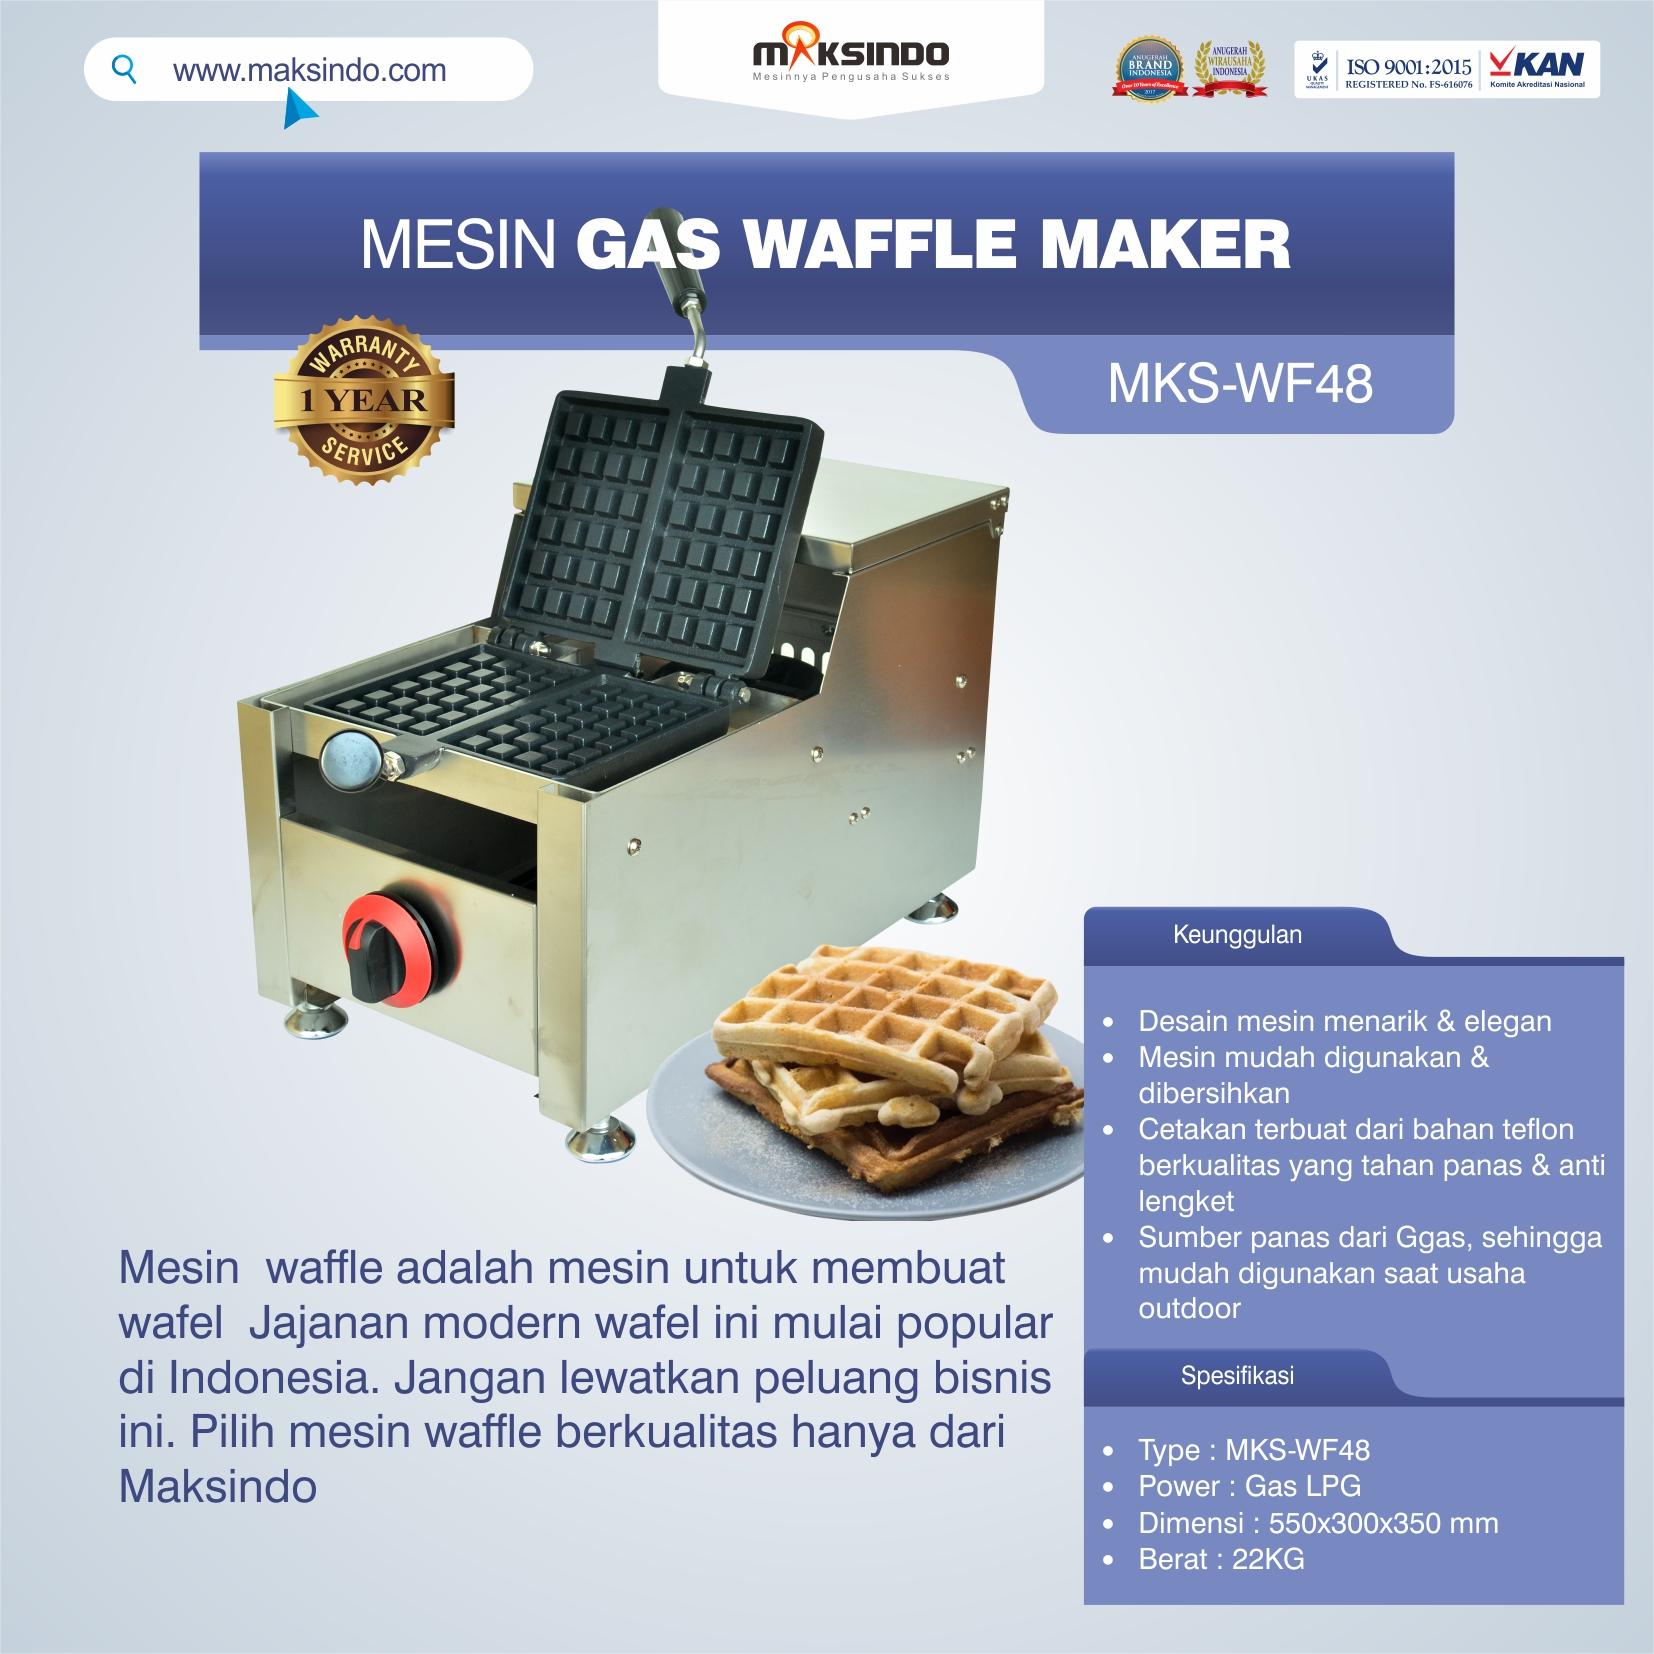 Jual Mesin Gas Waffle Maker MKS-WF48 di Bekasi